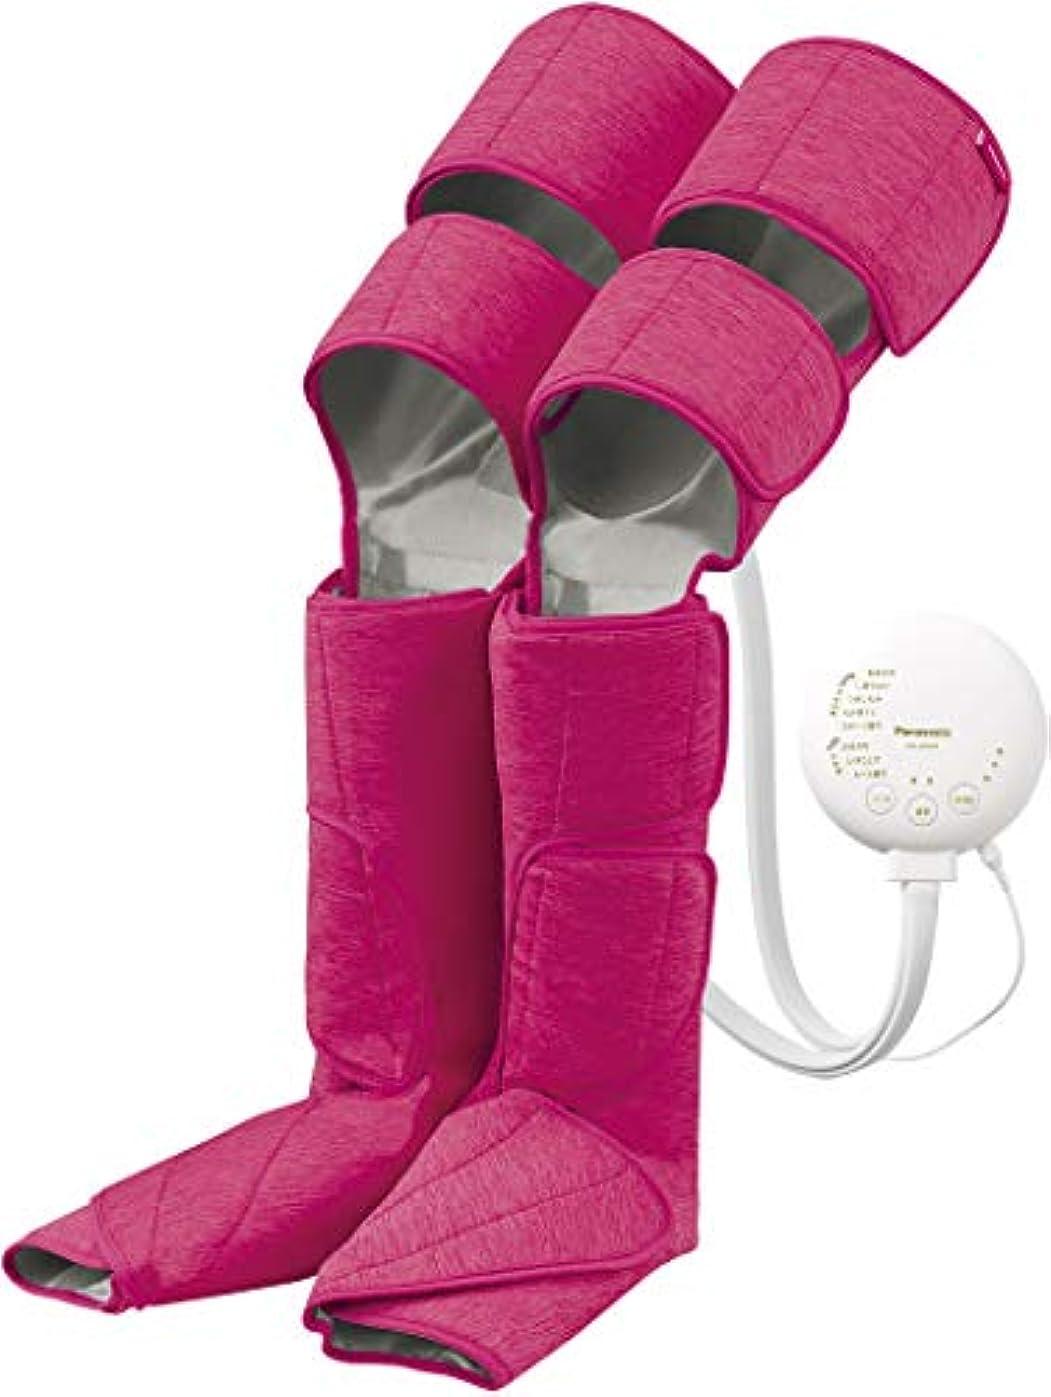 四回分泌するカフェパナソニック エアーマッサージャー レッグリフレ ひざ/太もも巻き対応 温感機能搭載 ピンク EW-CRA99-P